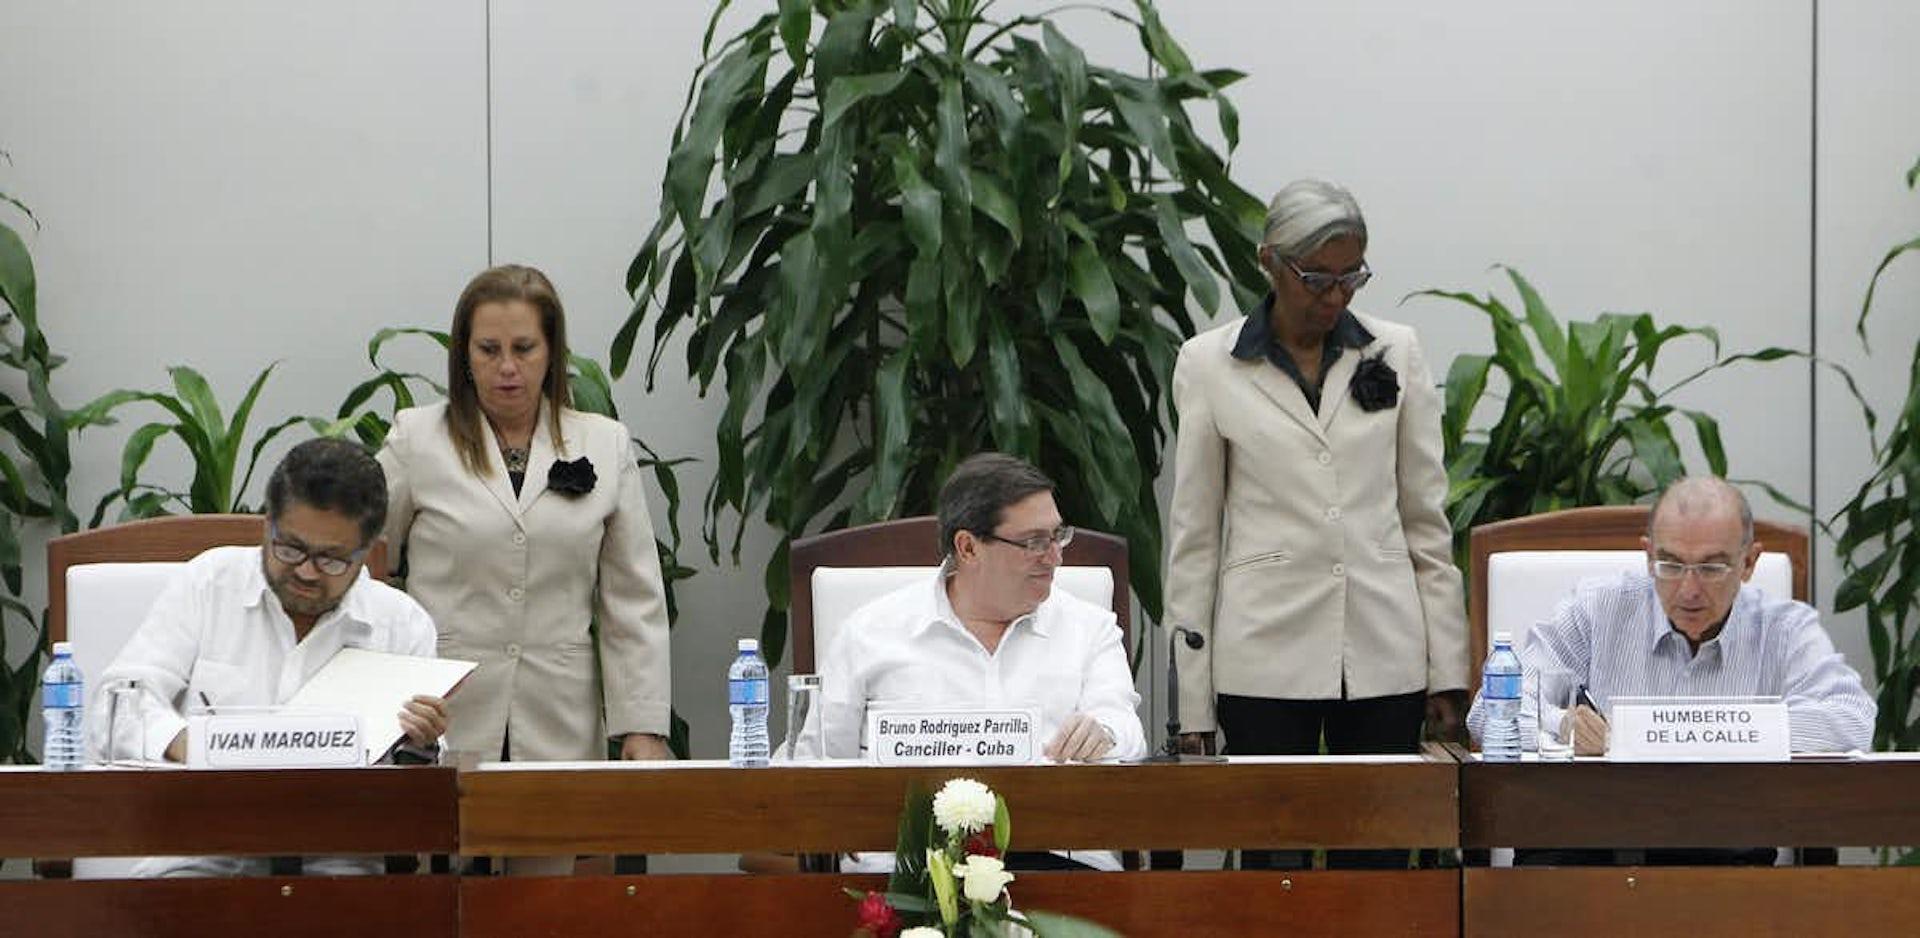 Humberto de la Calle, negociador del Gobierno colombiano, y Luciano Marín, rebelde de las FARC, firman un acuerdo de paz en la Habana (Cuba)